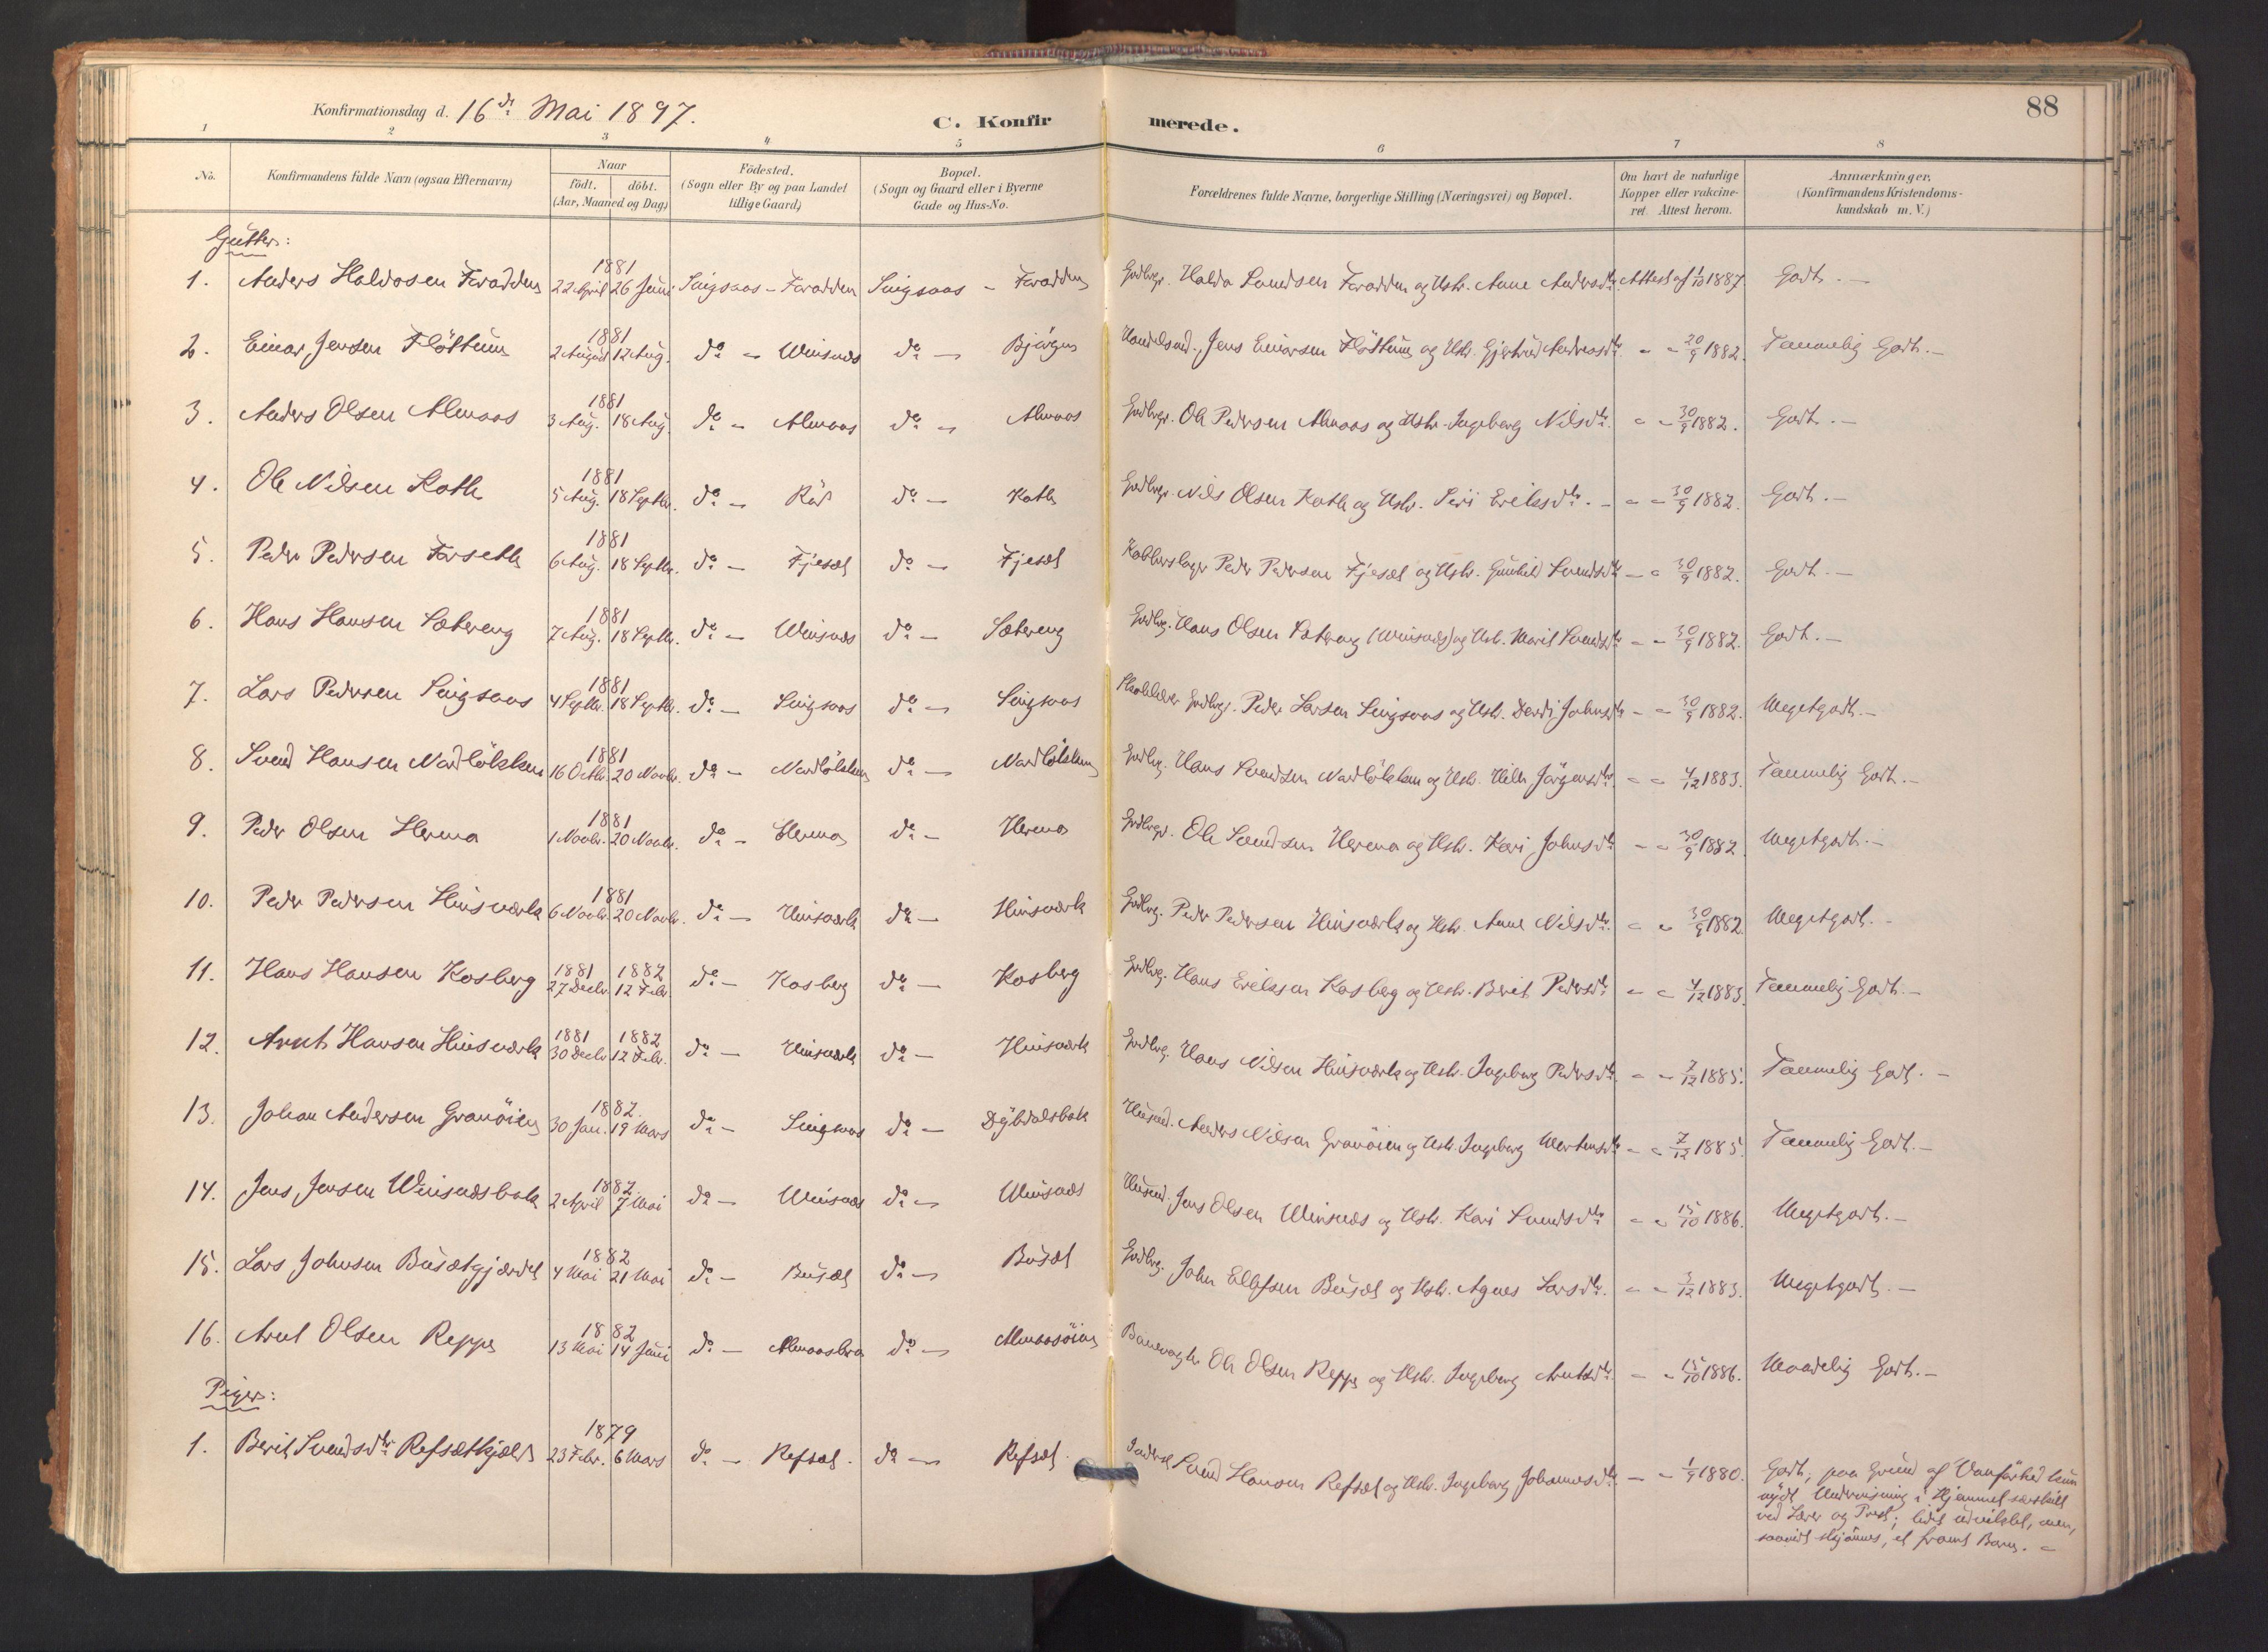 SAT, Ministerialprotokoller, klokkerbøker og fødselsregistre - Sør-Trøndelag, 688/L1025: Ministerialbok nr. 688A02, 1891-1909, s. 88